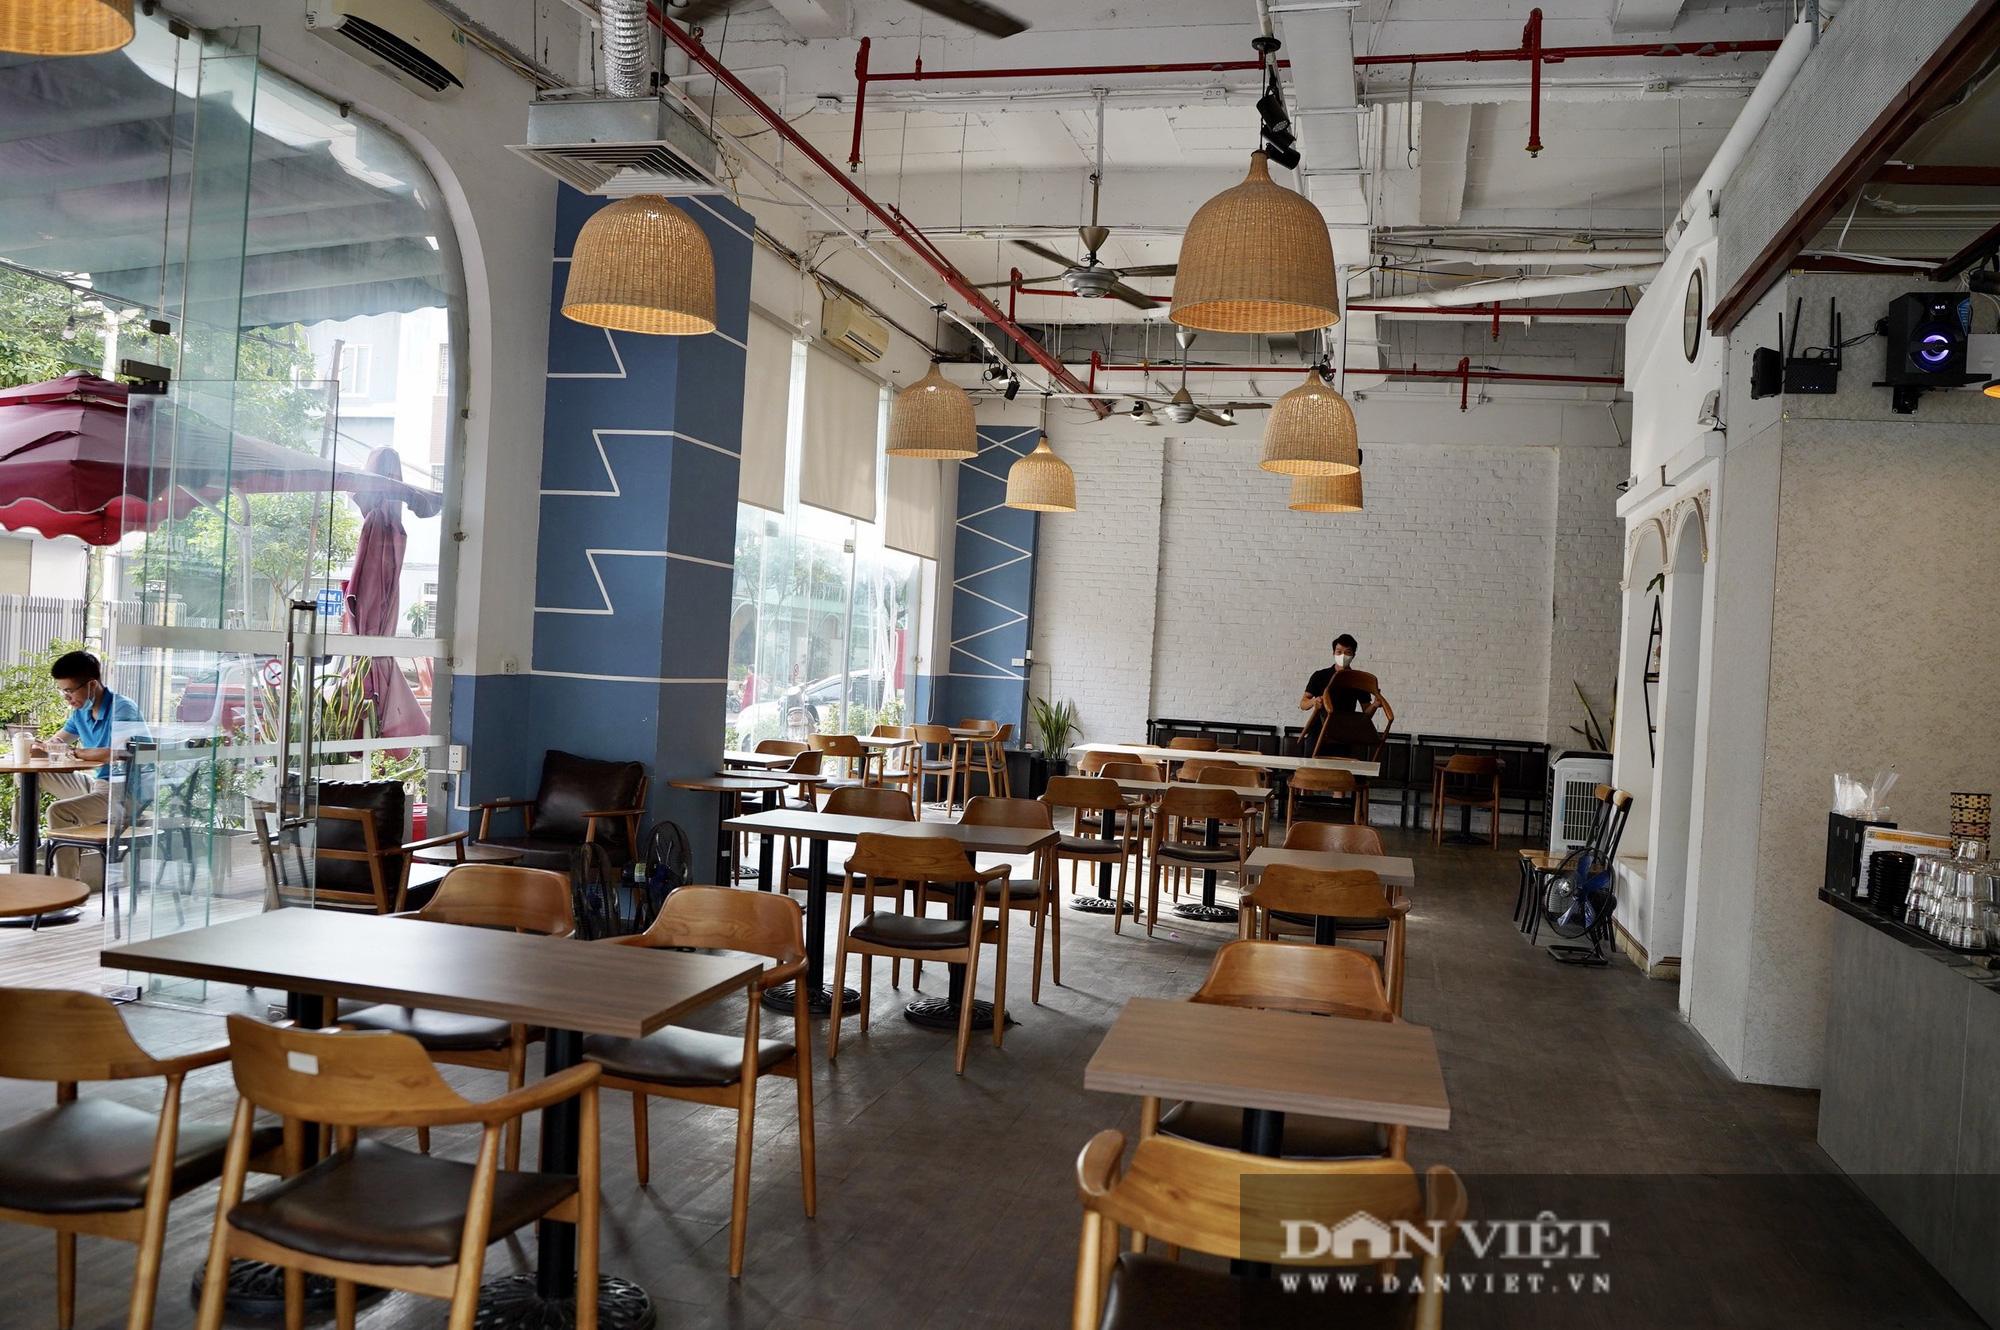 Hà Nội: Quán cafe nơi thưa thớt, chỗ nhộp nhịp trong ngày đầu mở cửa trở lại - Ảnh 2.